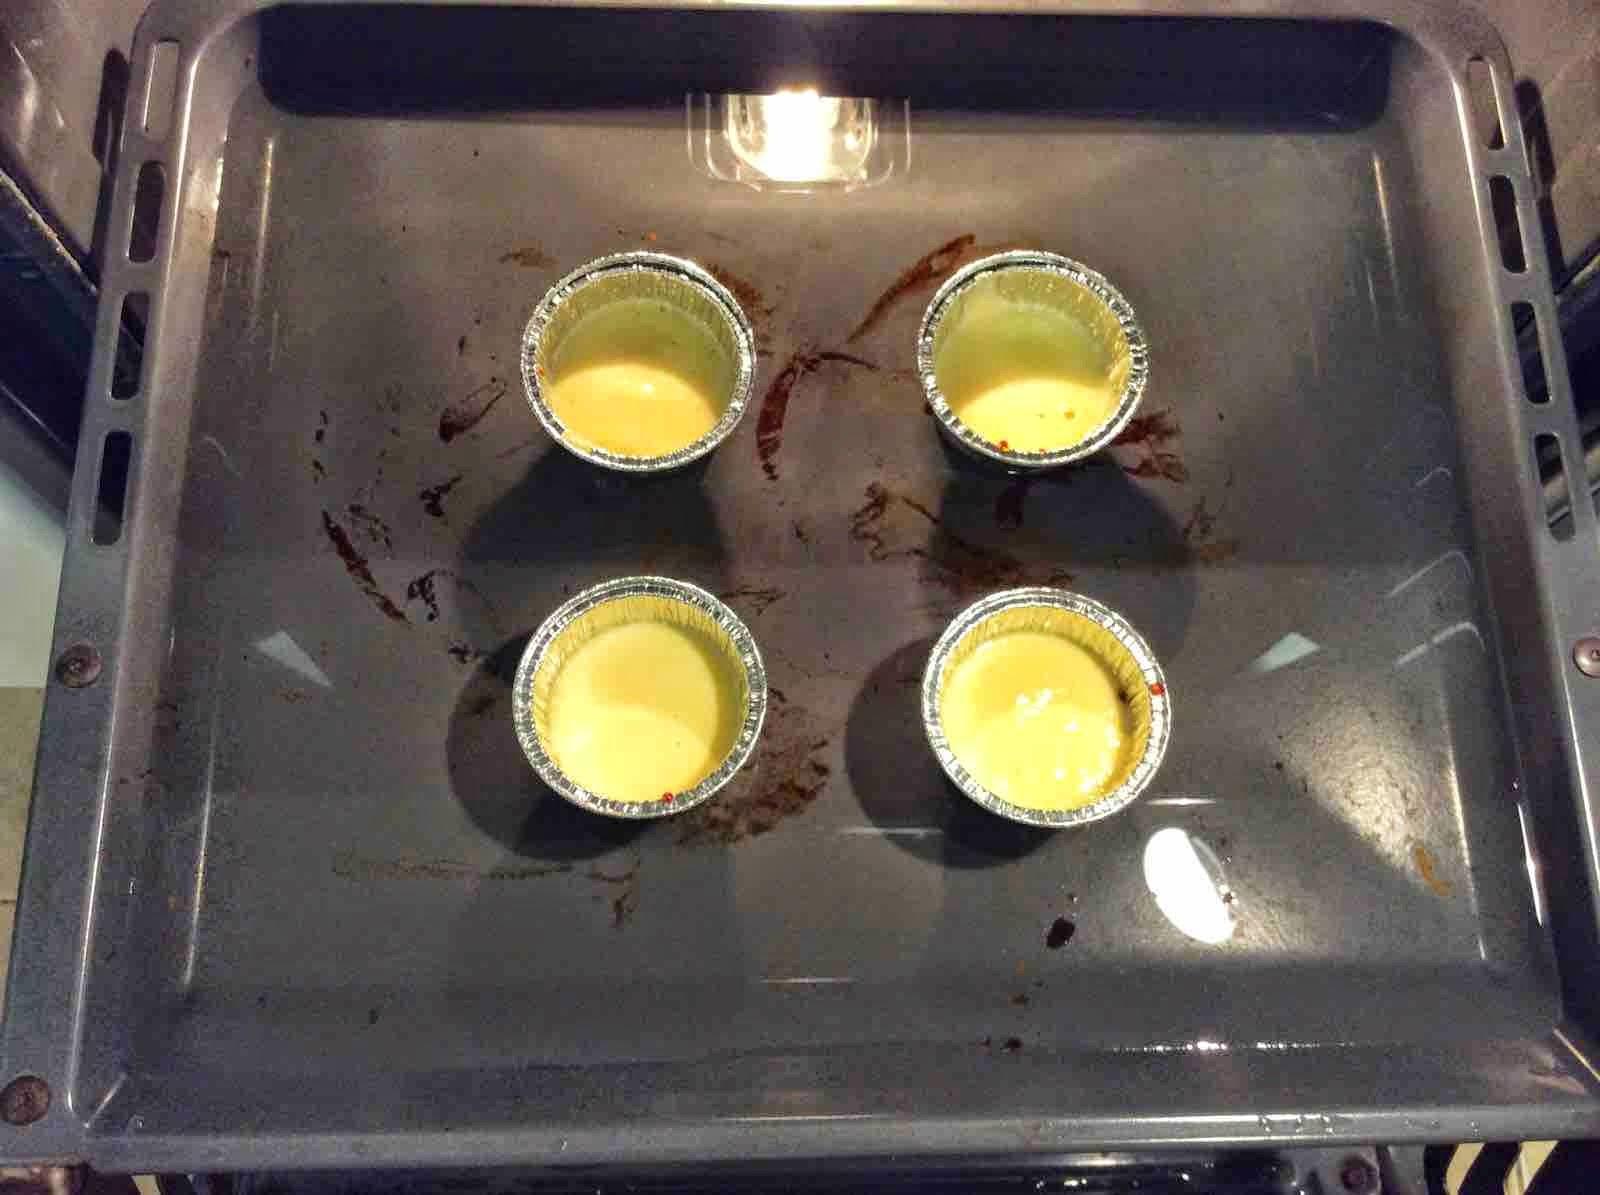 Moldes de flan de huevo al baño maria en el horno